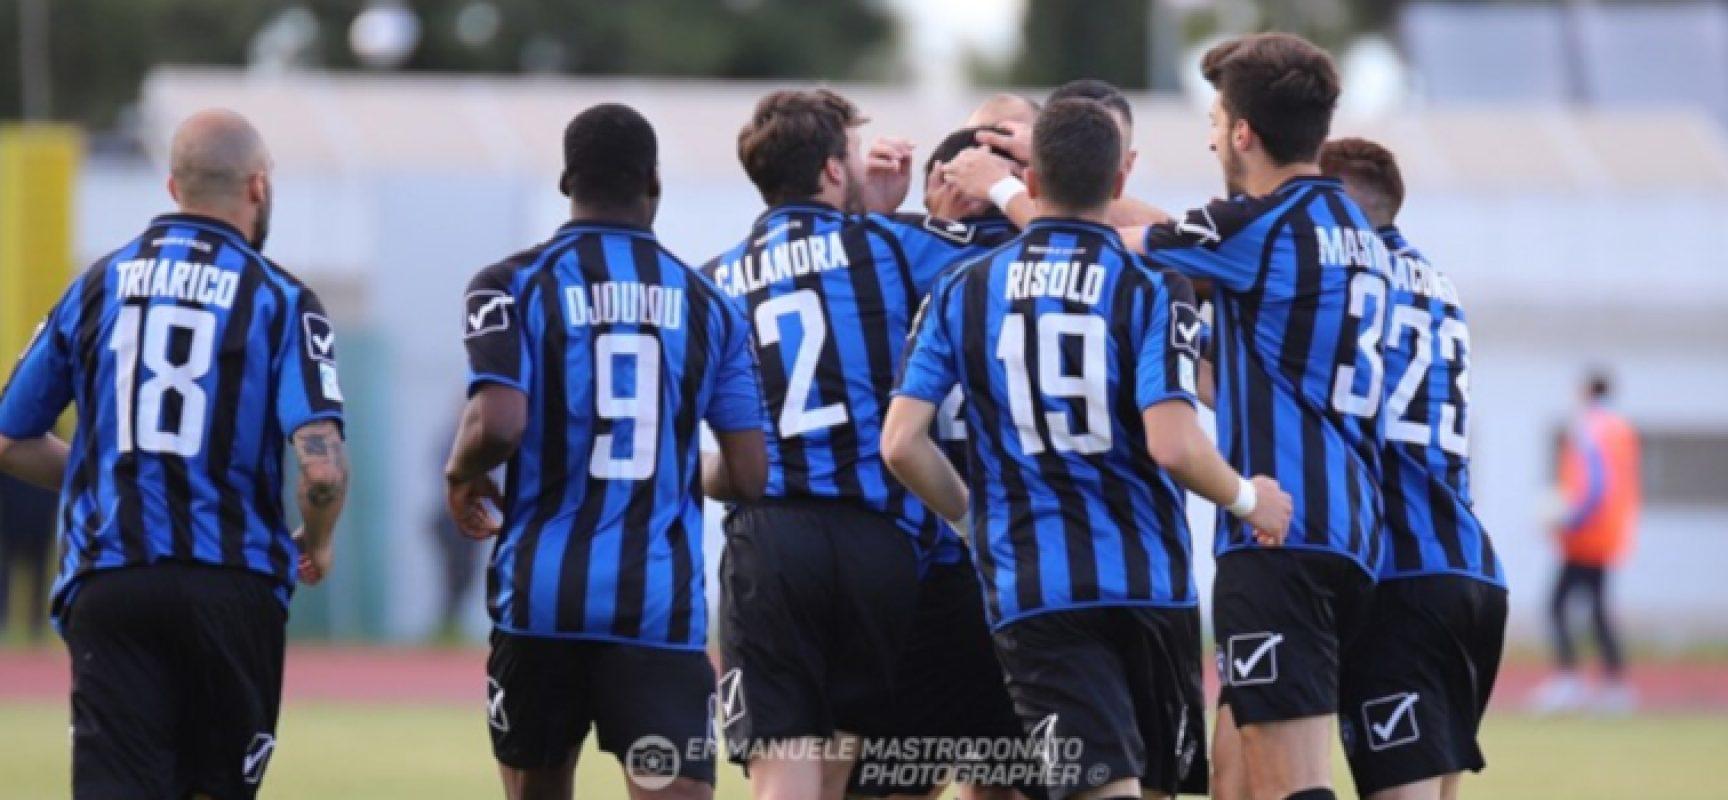 Riparte da Pagani la corsa salvezza del Bisceglie Calcio